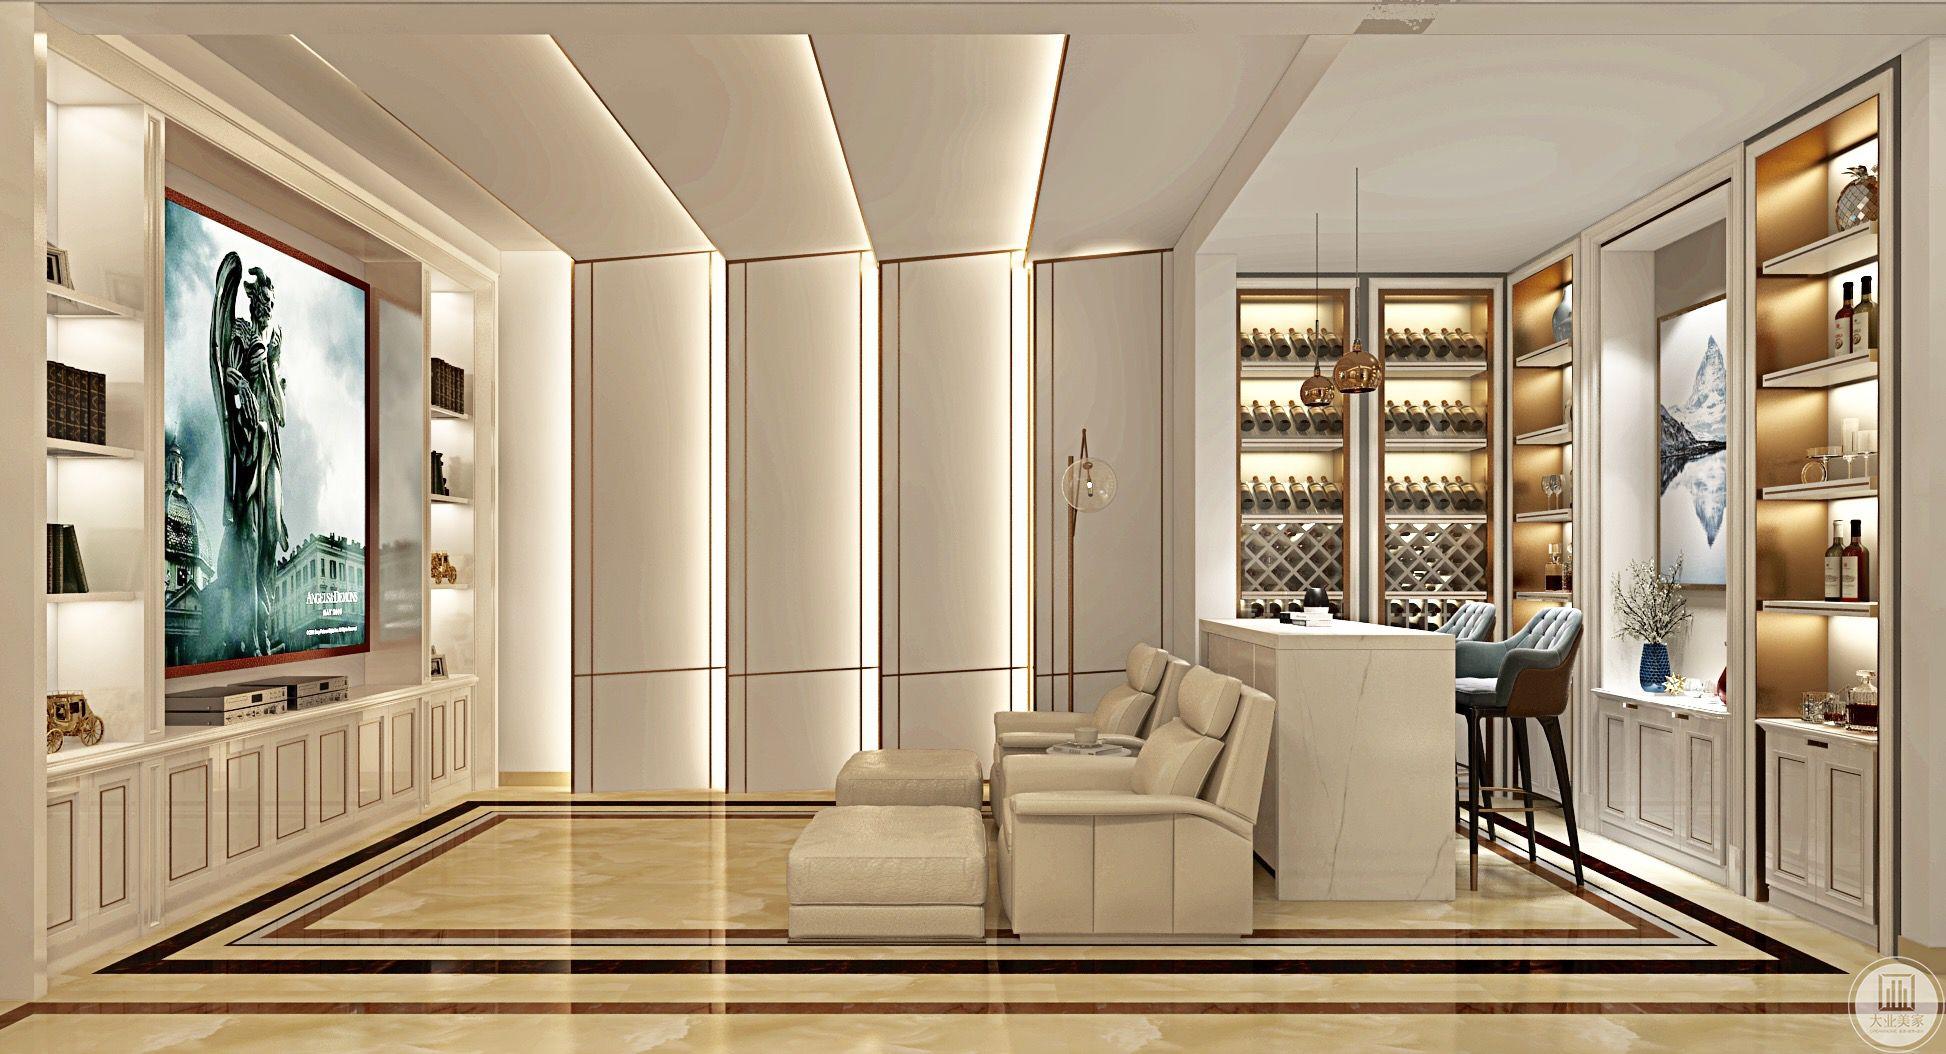 影视区白色的真皮沙发与整个房间的主色呼应